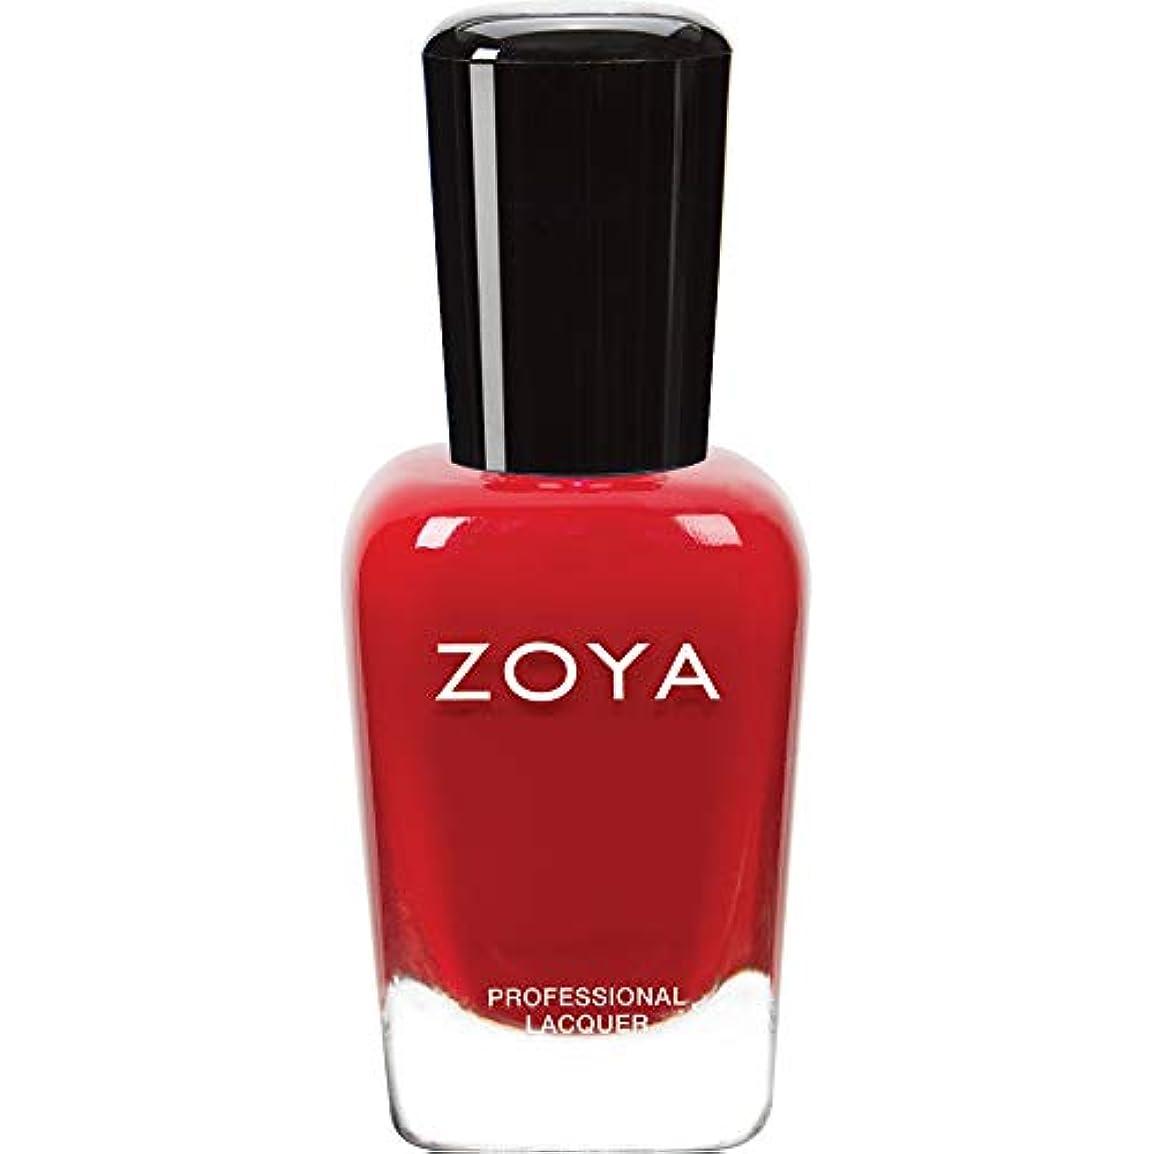 布英語の授業があります木材ZOYA ゾーヤ ネイルカラーZP001 CARMEN カルメン 15ml 検定カラー 鮮やかなトゥルーレッド マット 爪にやさしいネイルラッカーマニキュア